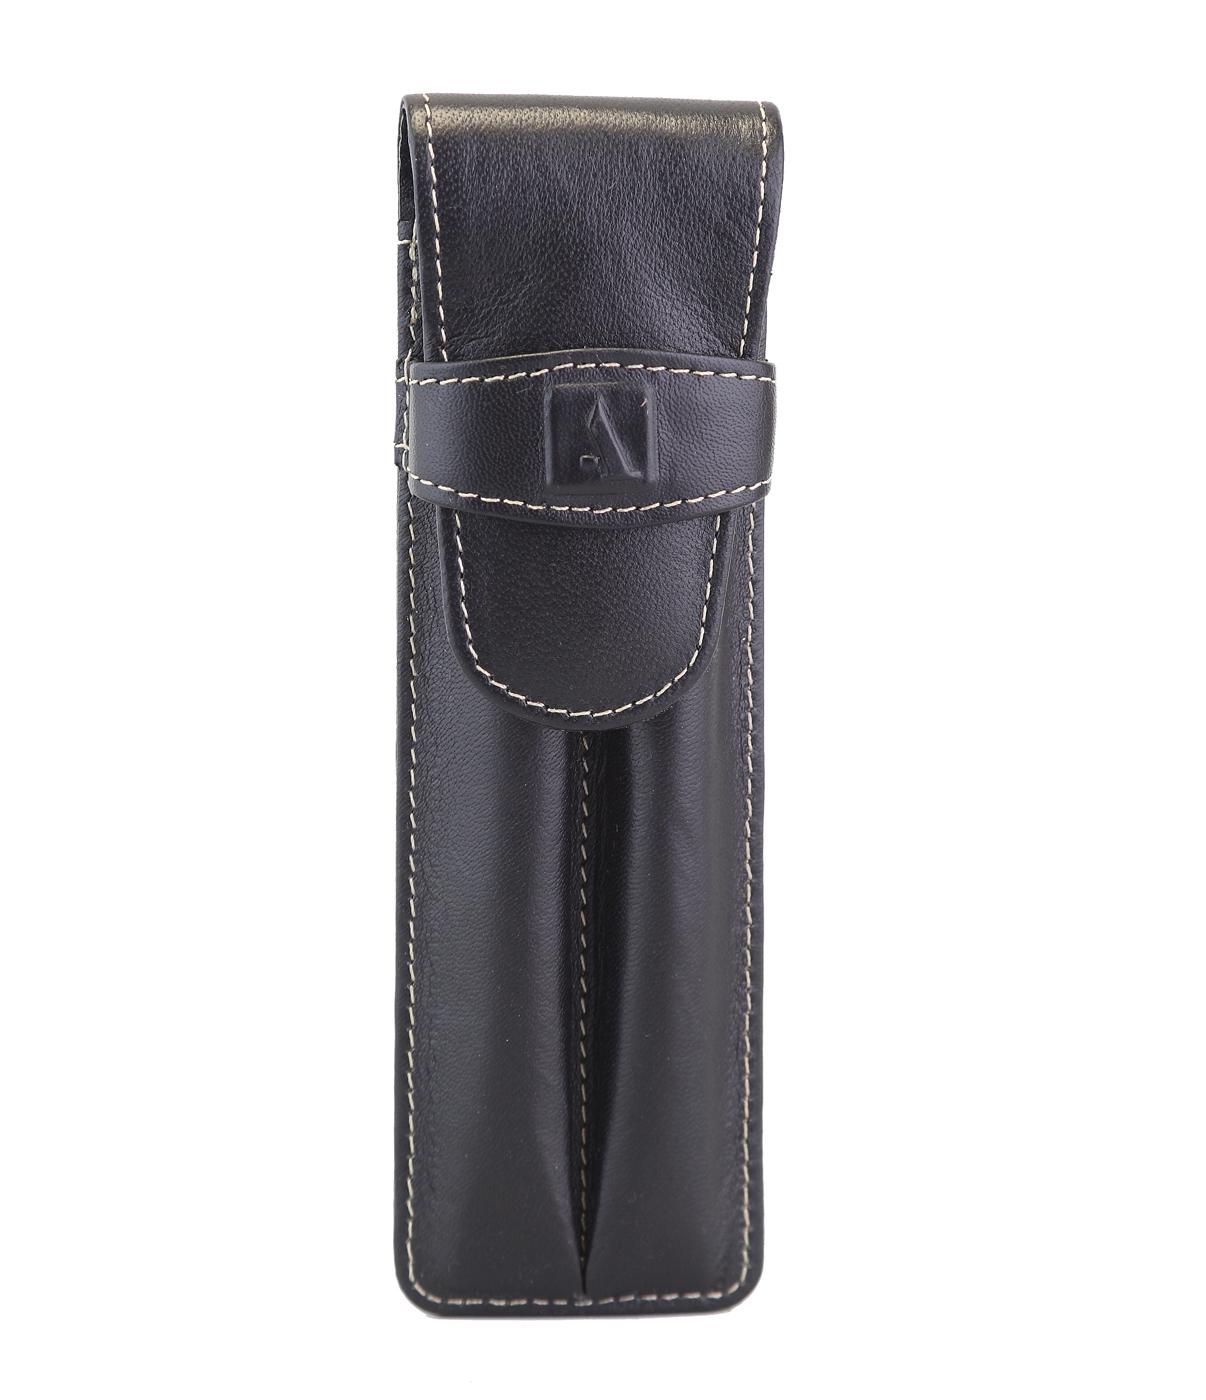 Pen Case - W51